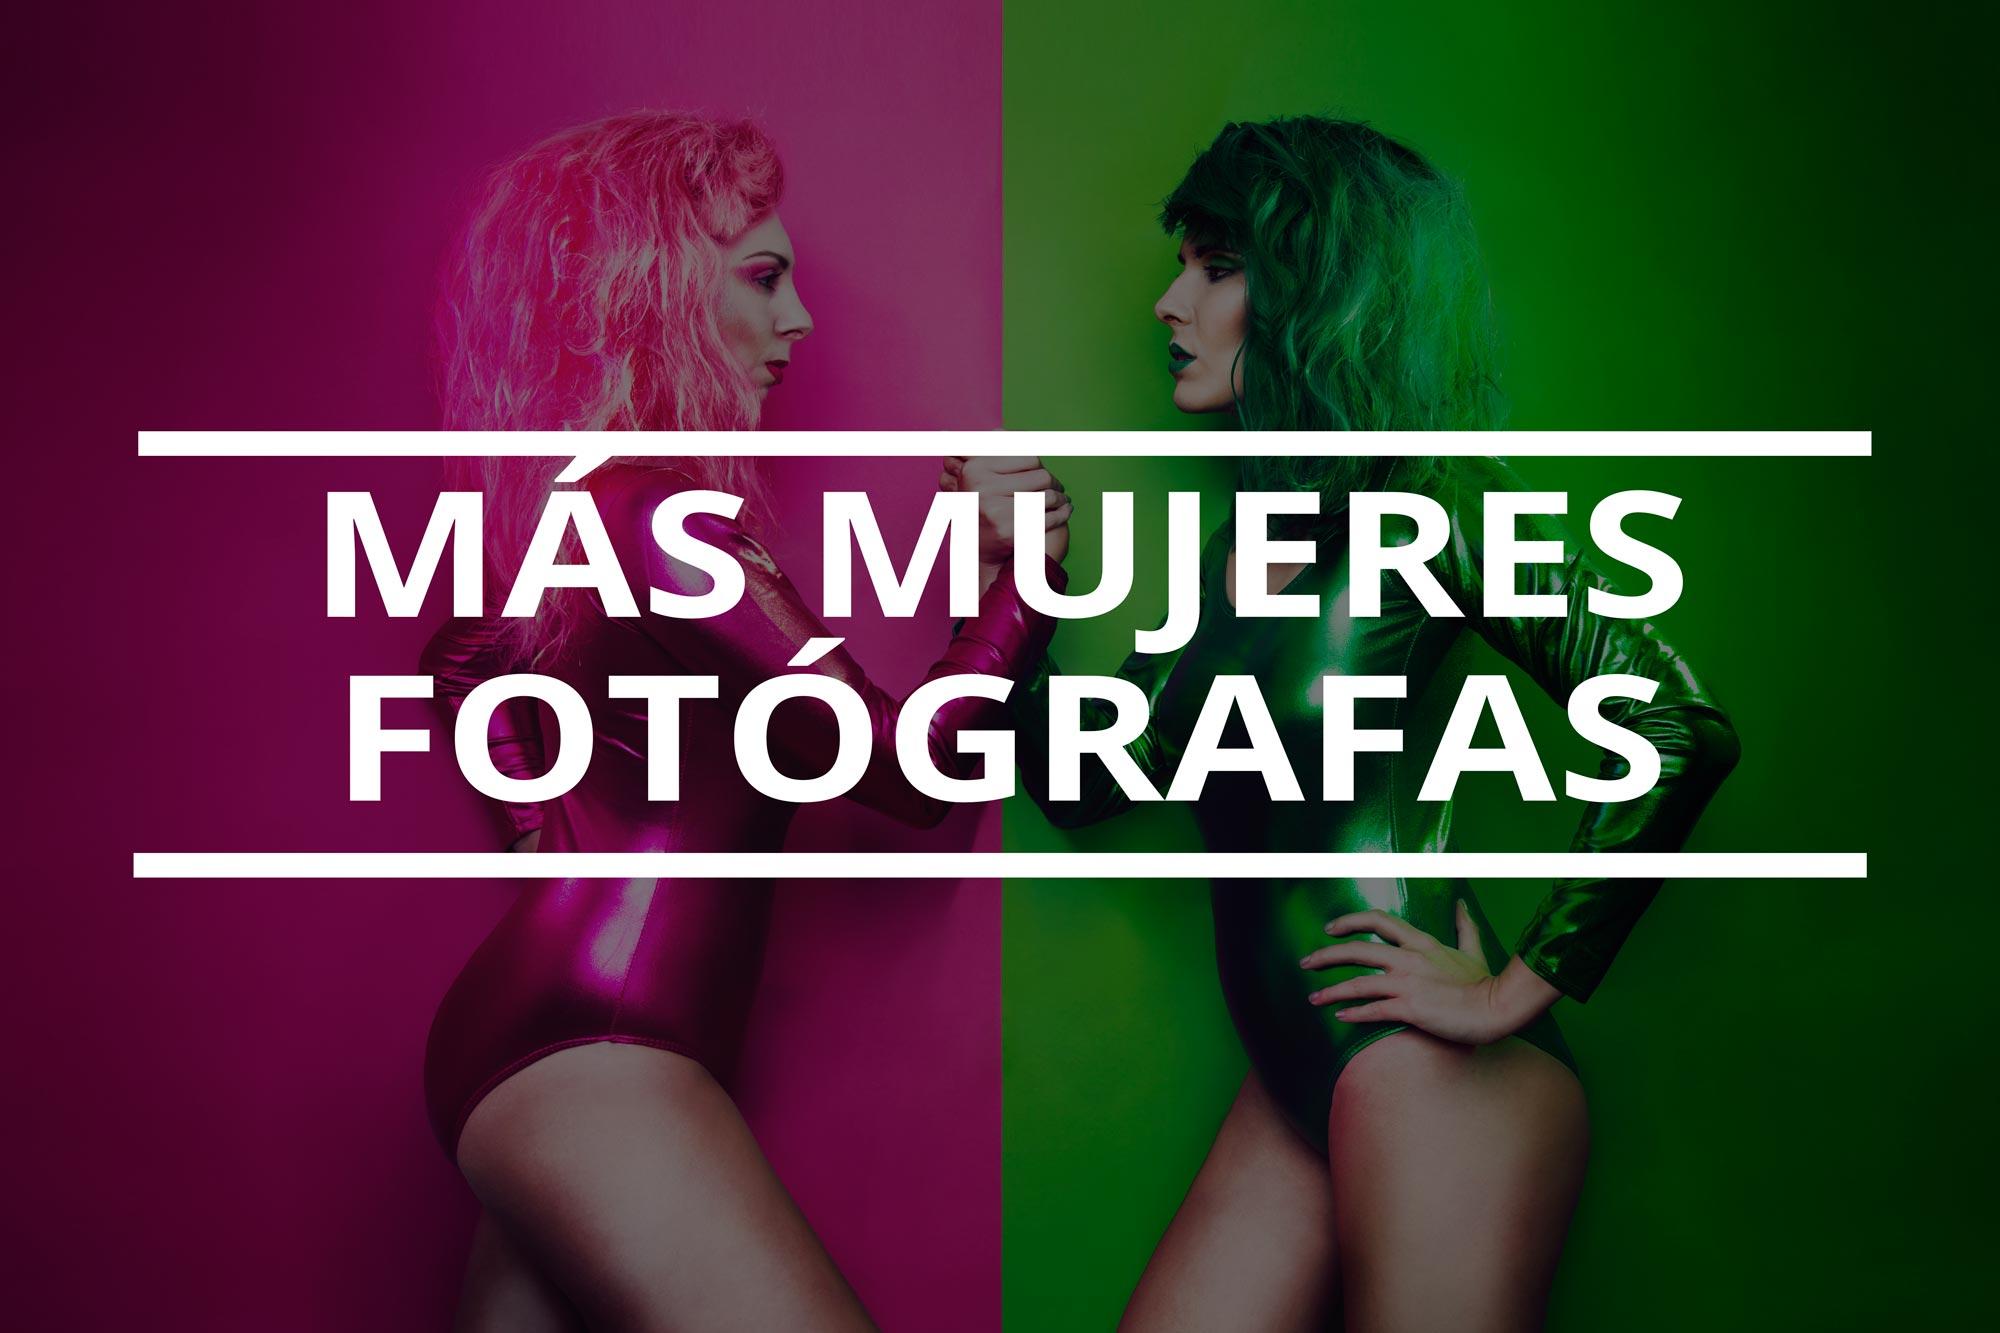 más mujeres fotógrafas